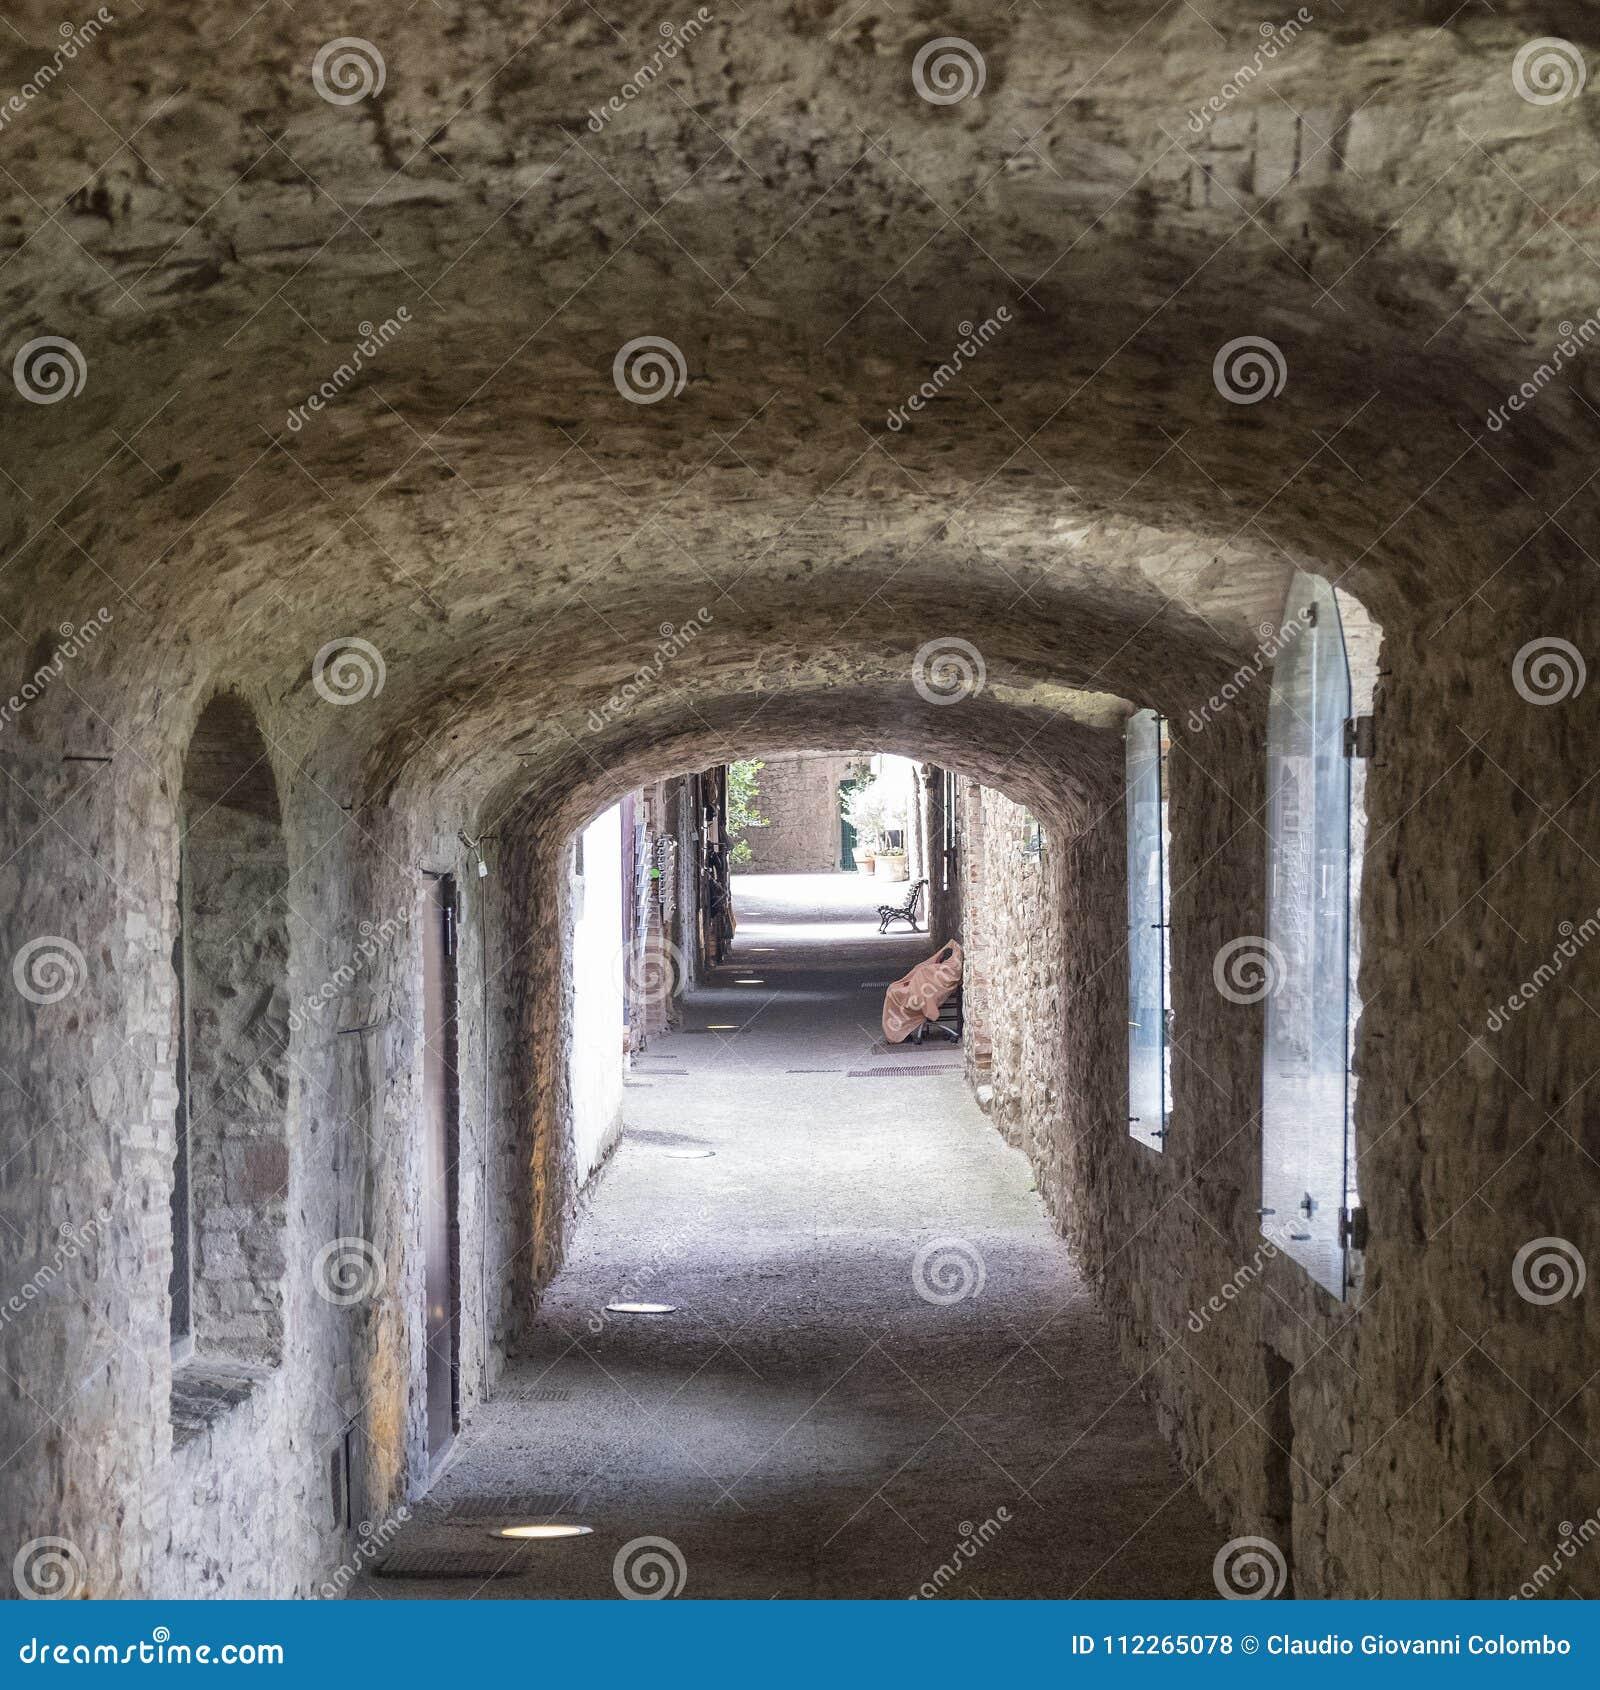 Castellina dans le chianti, ville médiévale de la Toscane